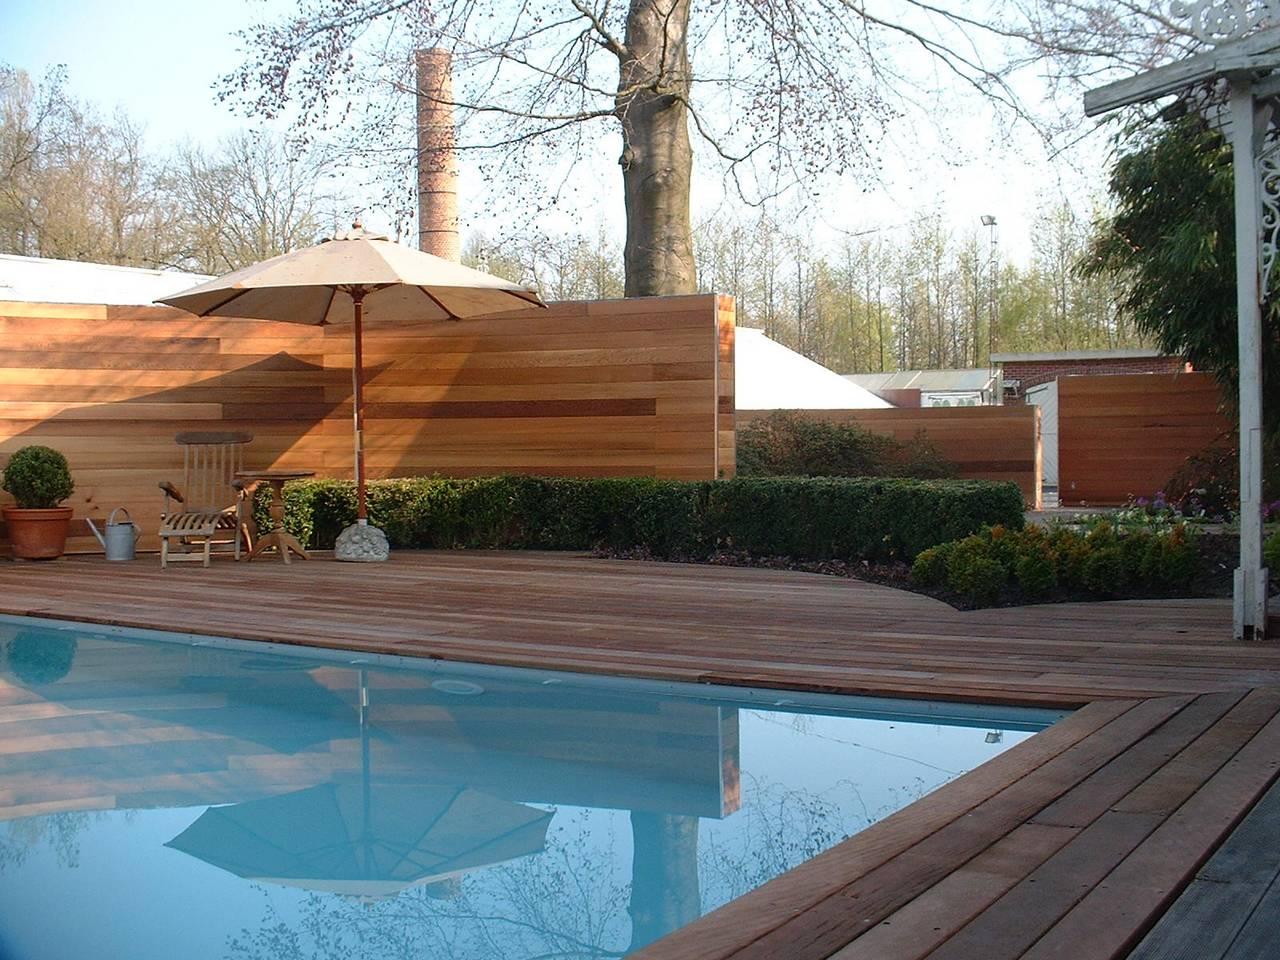 Eco tuinarchitectengroep projecten tuin gent zwembad